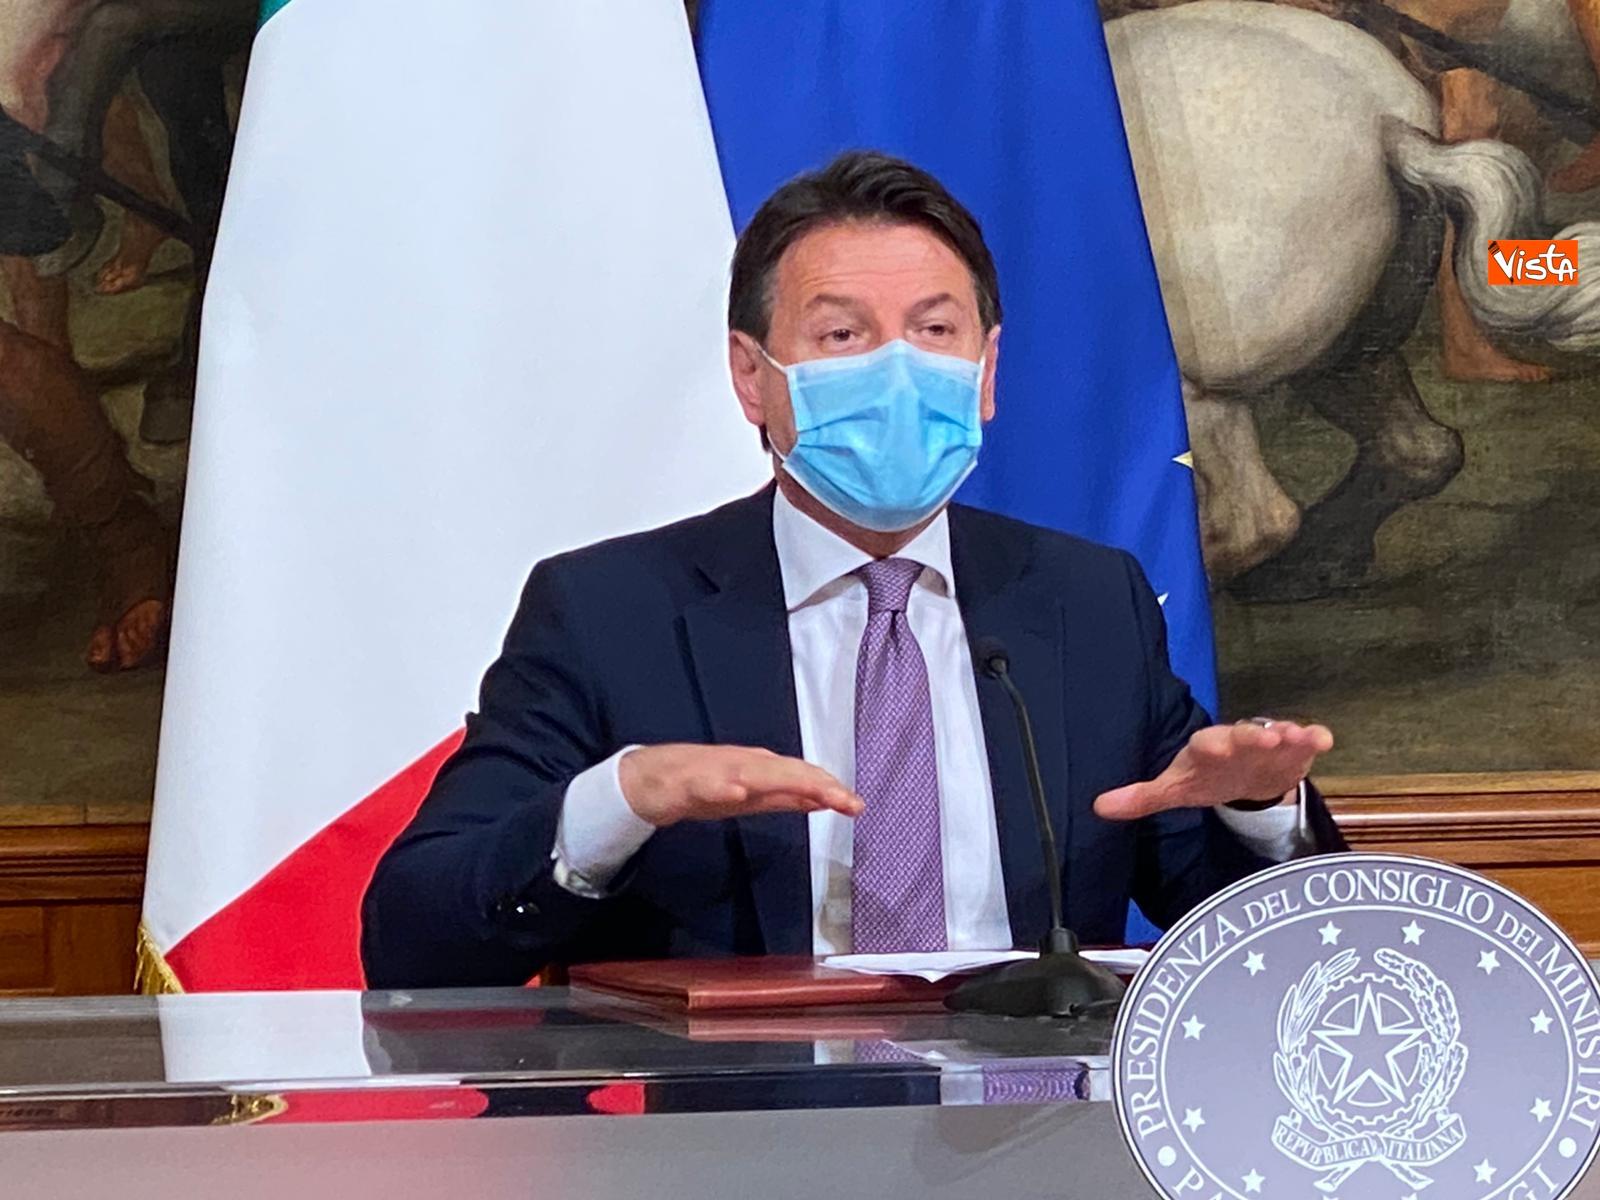 Dl ristori Conte Gualtieri e Patuanelli in conferenza stampa a Palazzo Chigi_10